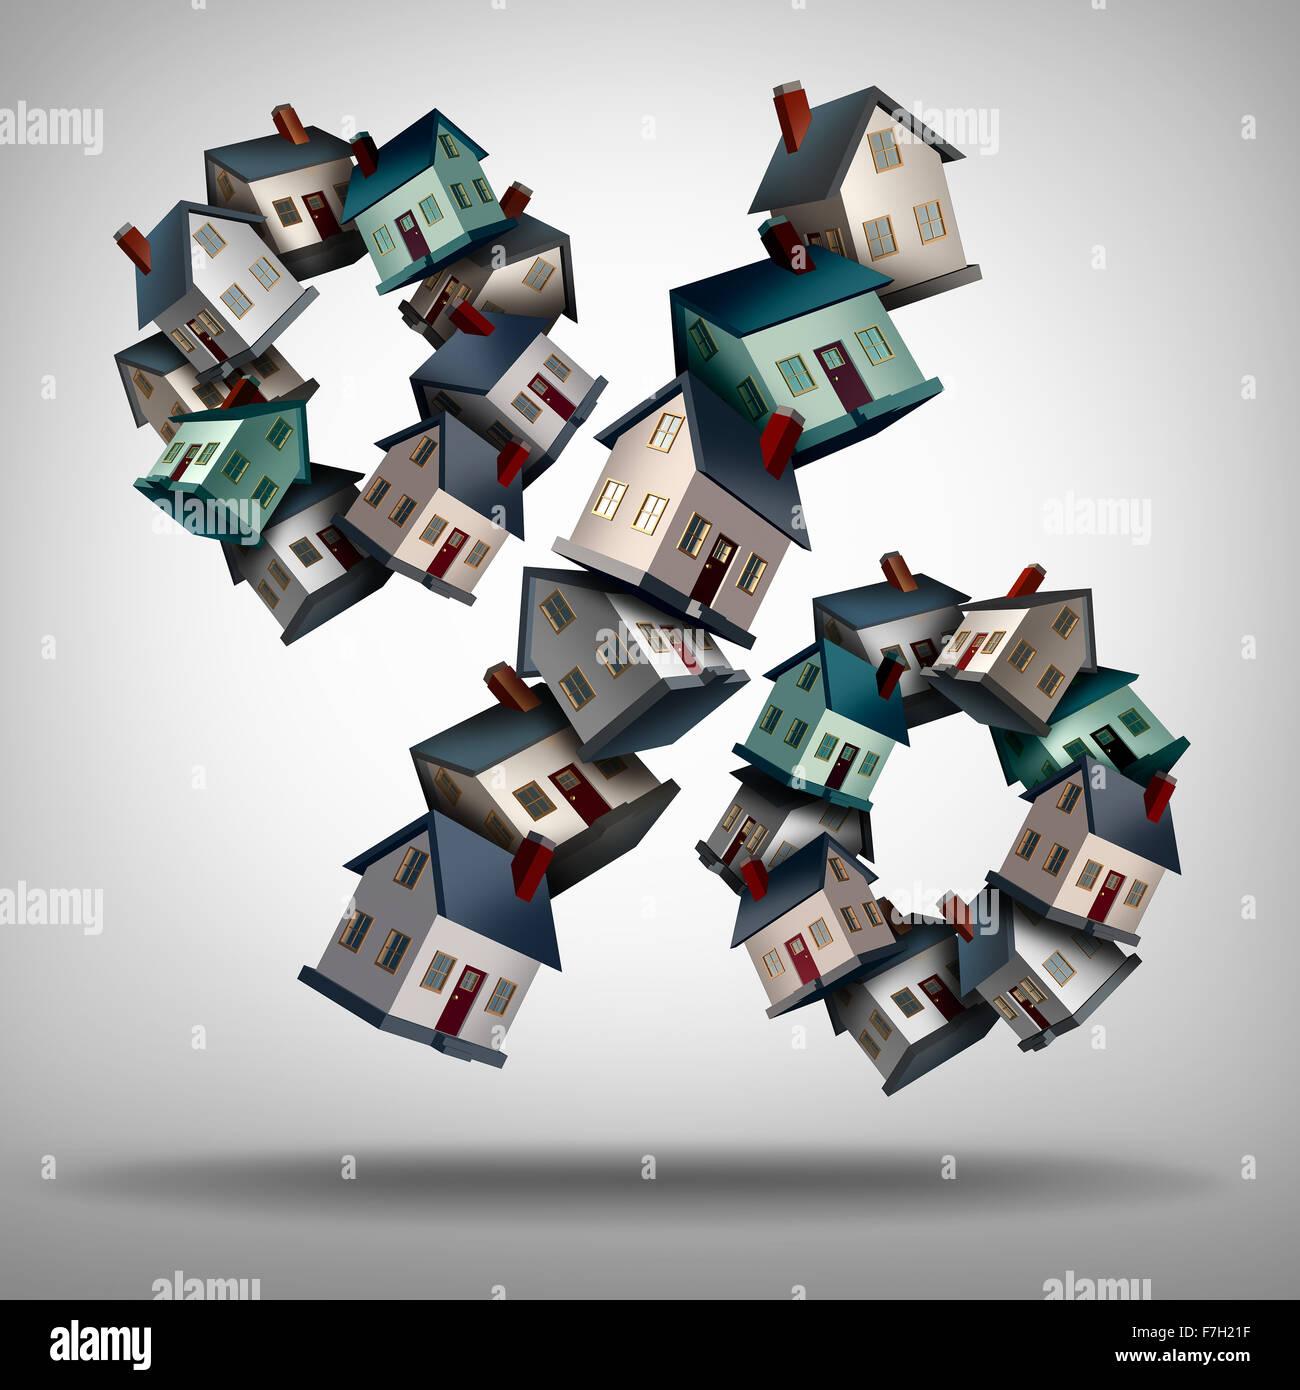 Nach Hause Hypothekenzinsen Konzept und Zinssatz Symbol als eine Gruppe von Wohnungen oder Häusern geprägt Stockbild